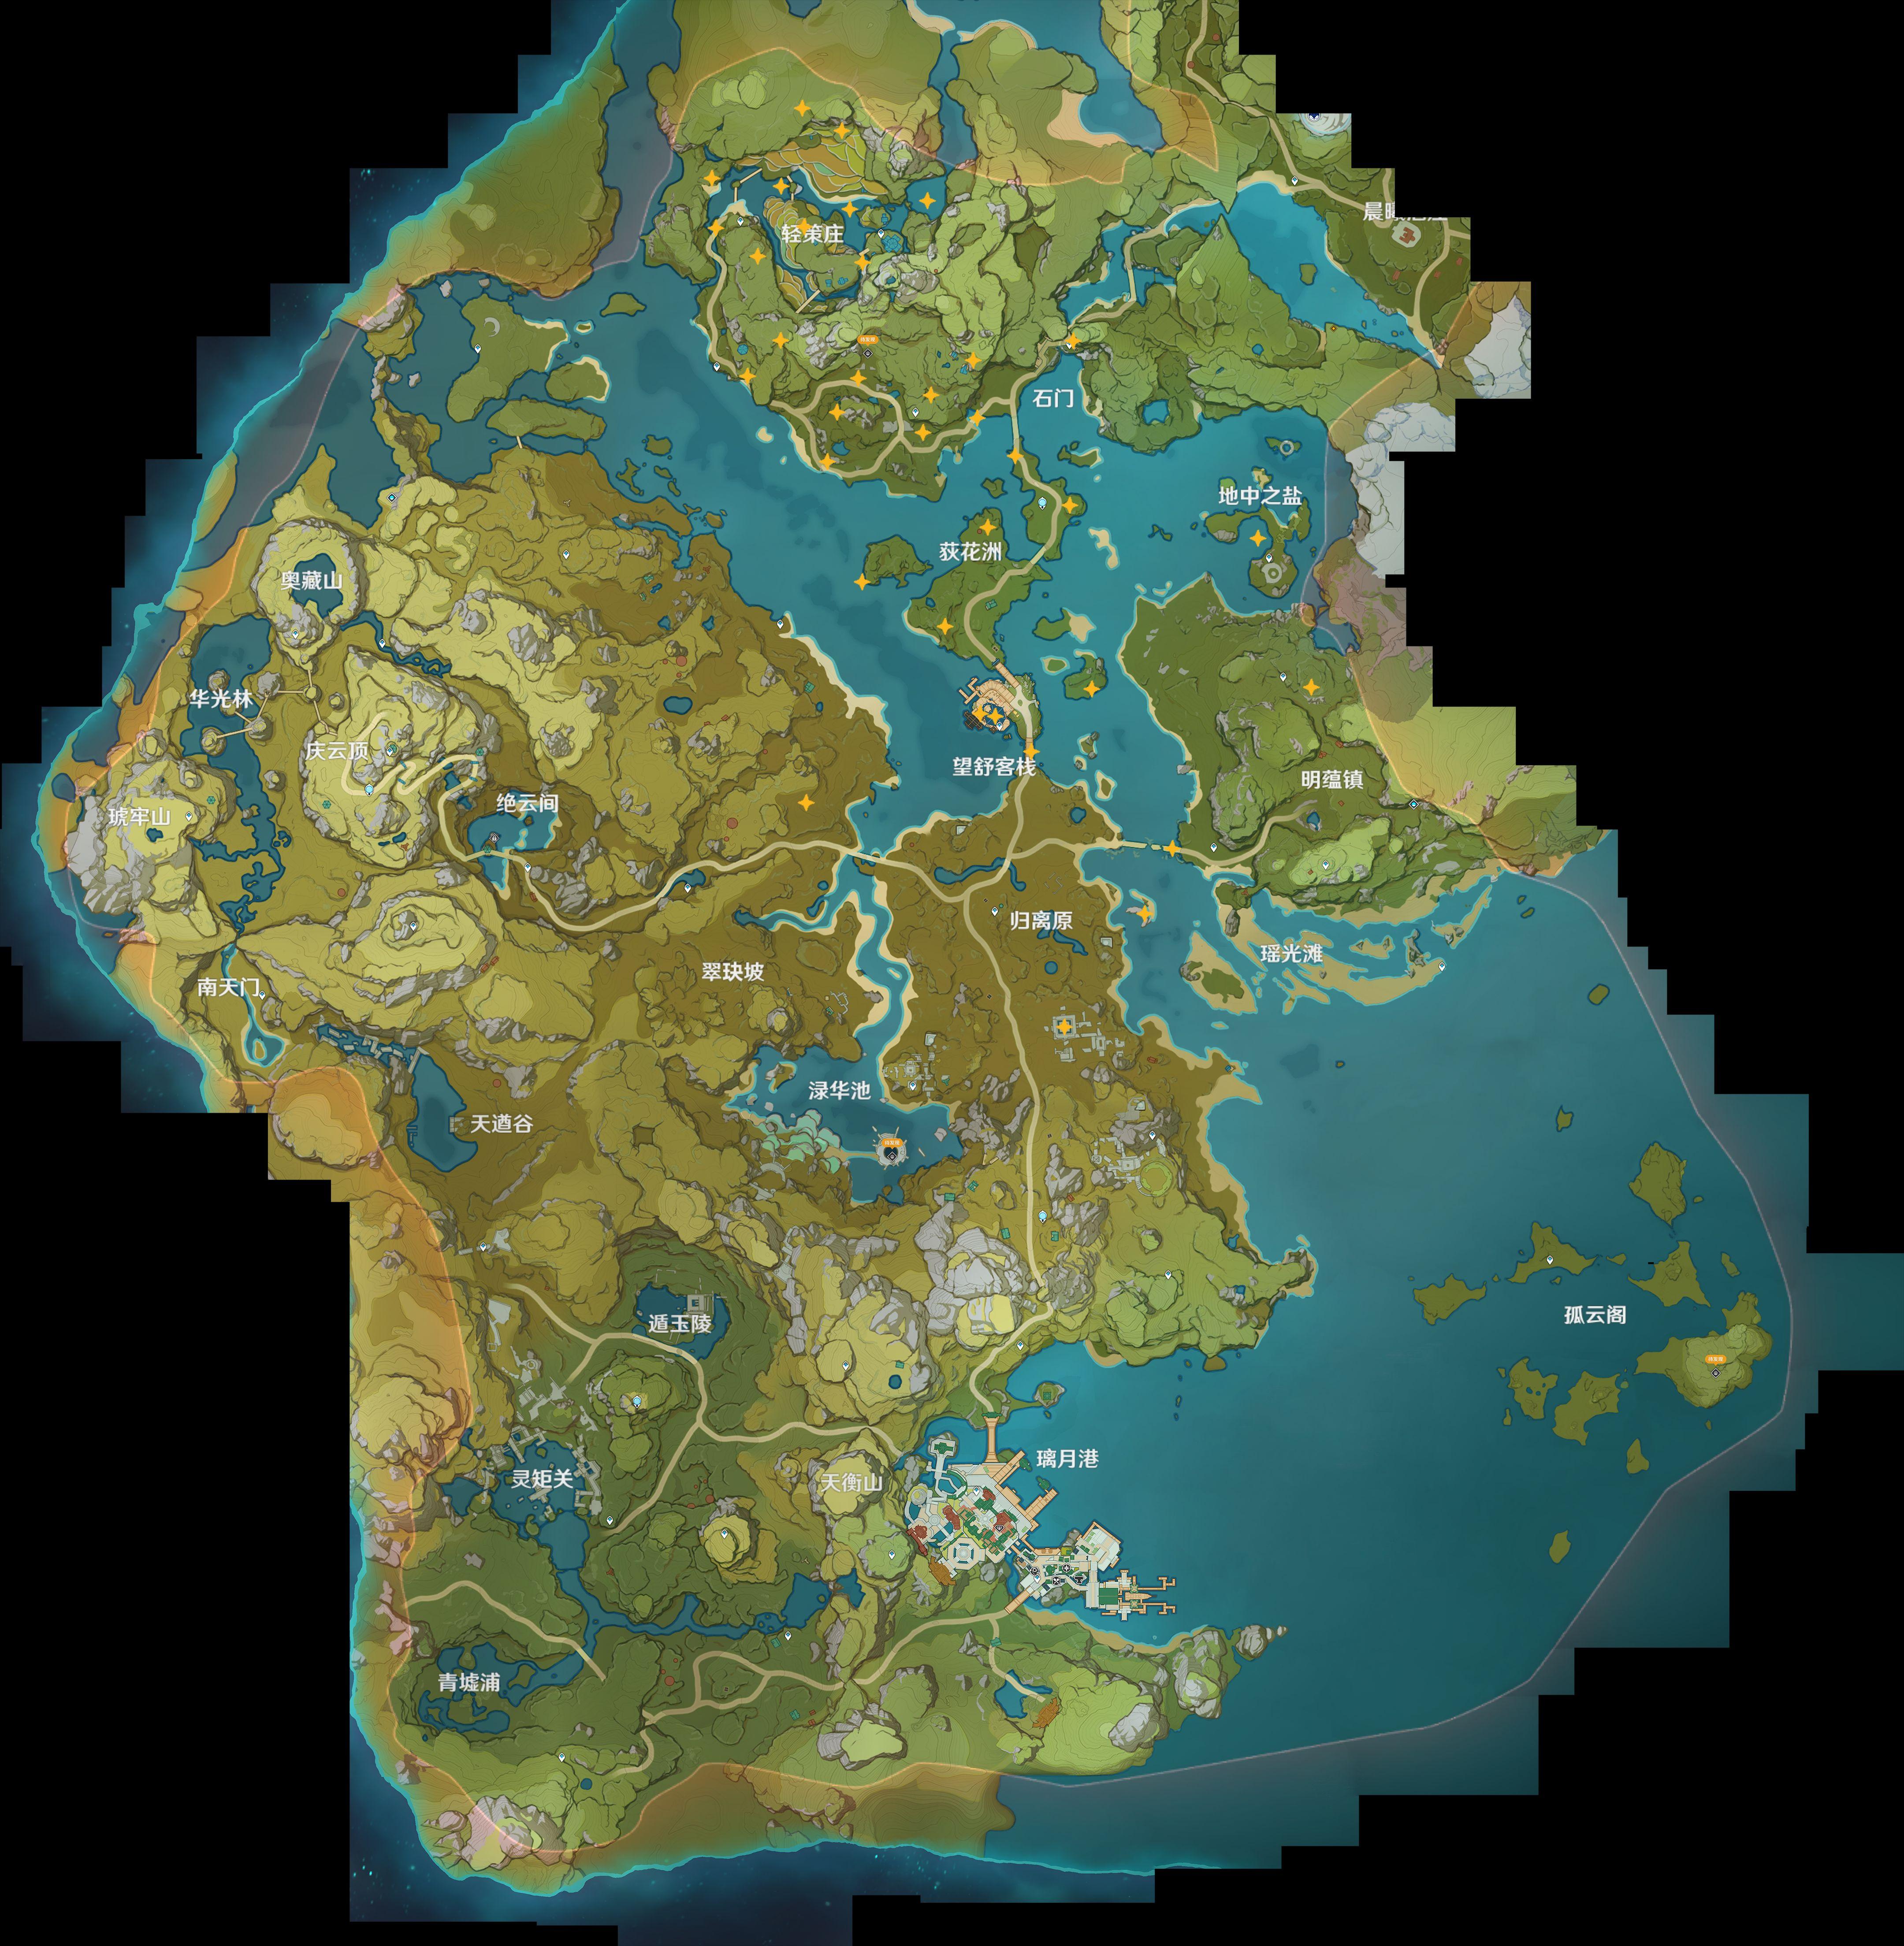 原神岩神瞳收集攻略 原神岩神瞳位置大全图